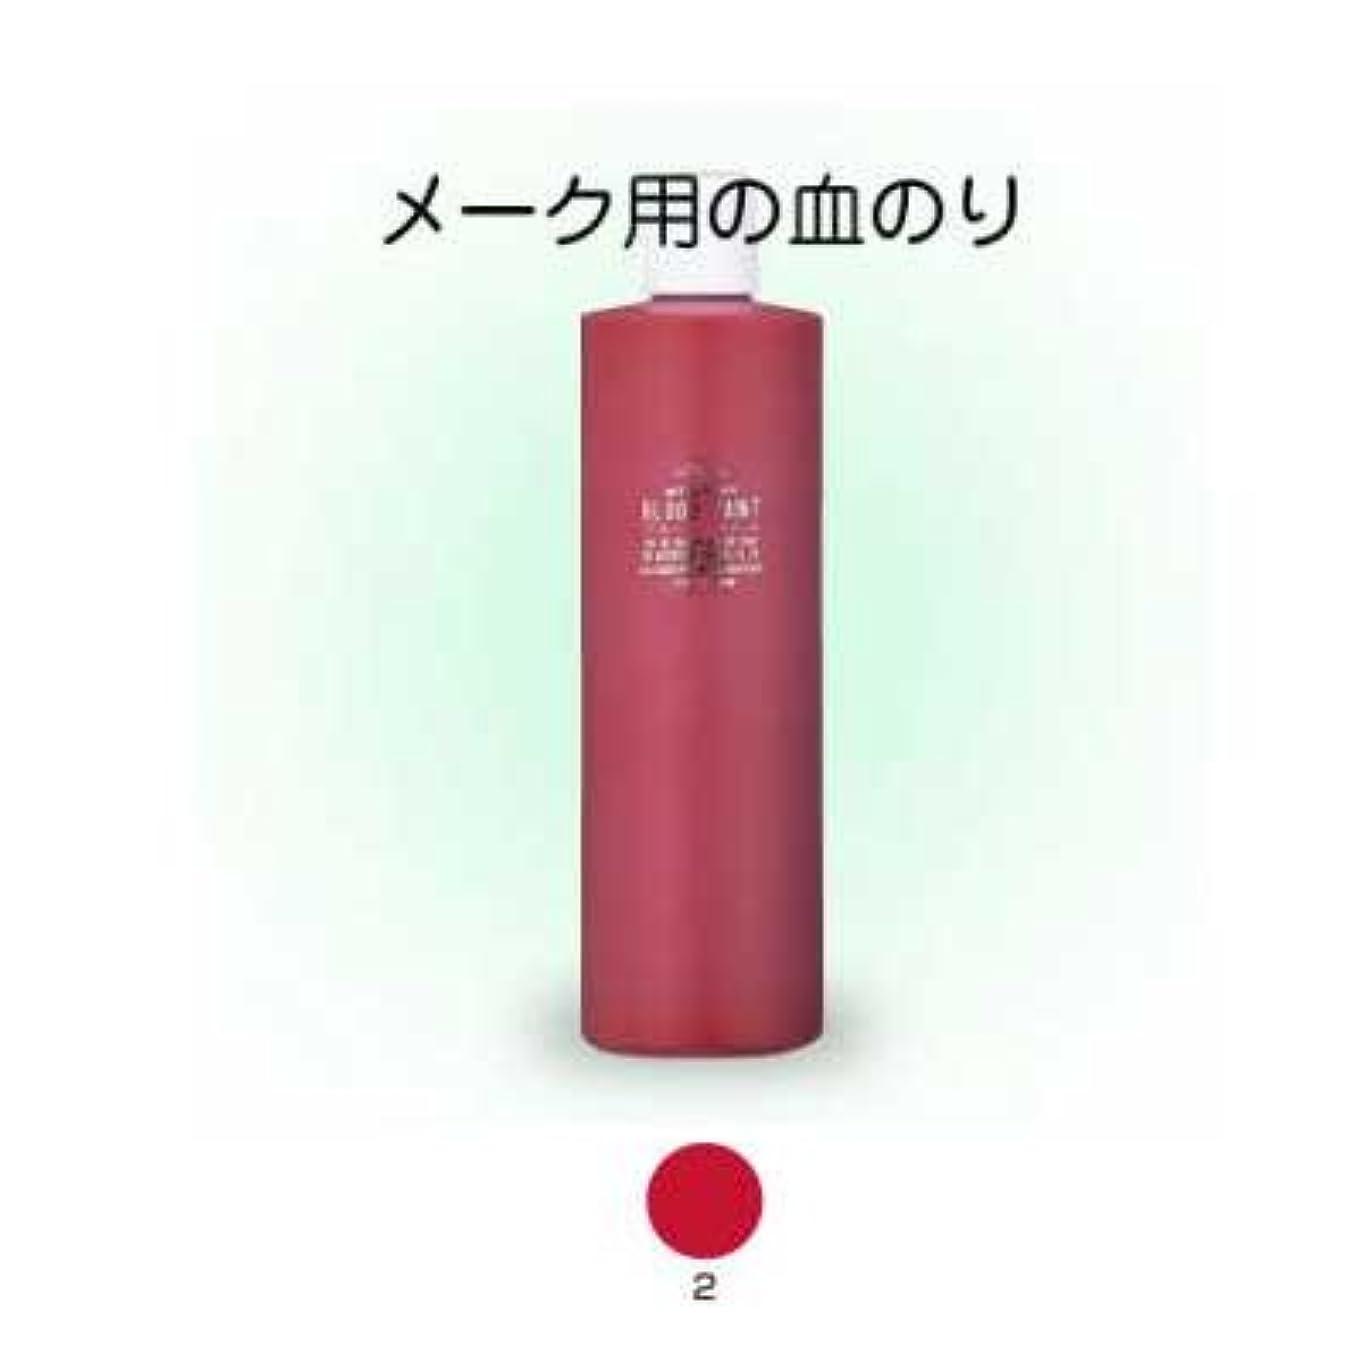 ランチョントランジスタ小道具ブロードペイント(メークアップ用の血のり)500ml 2【三善】